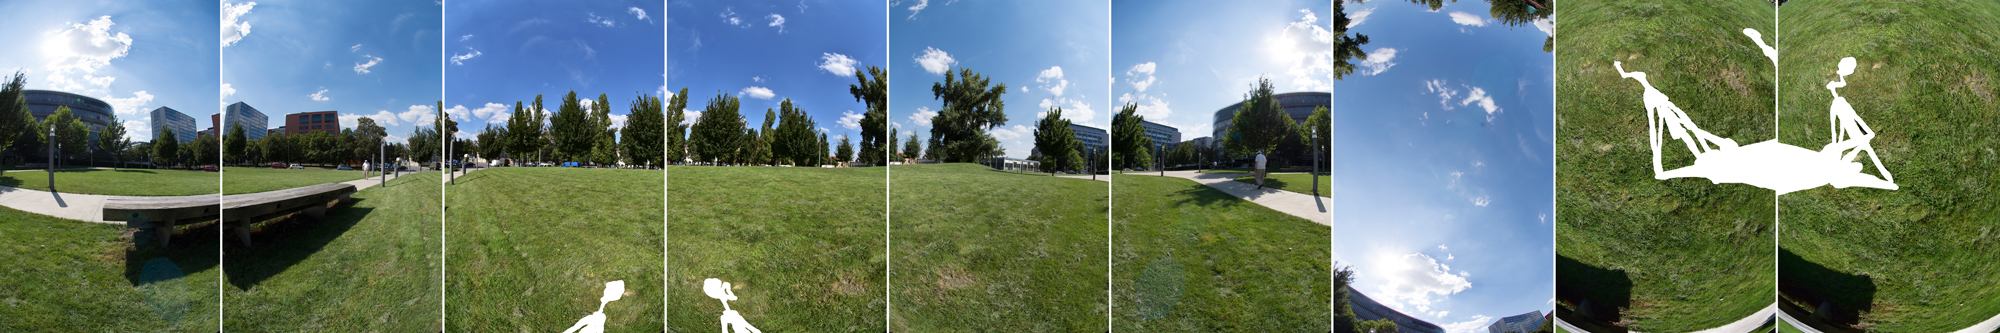 panorama-shots